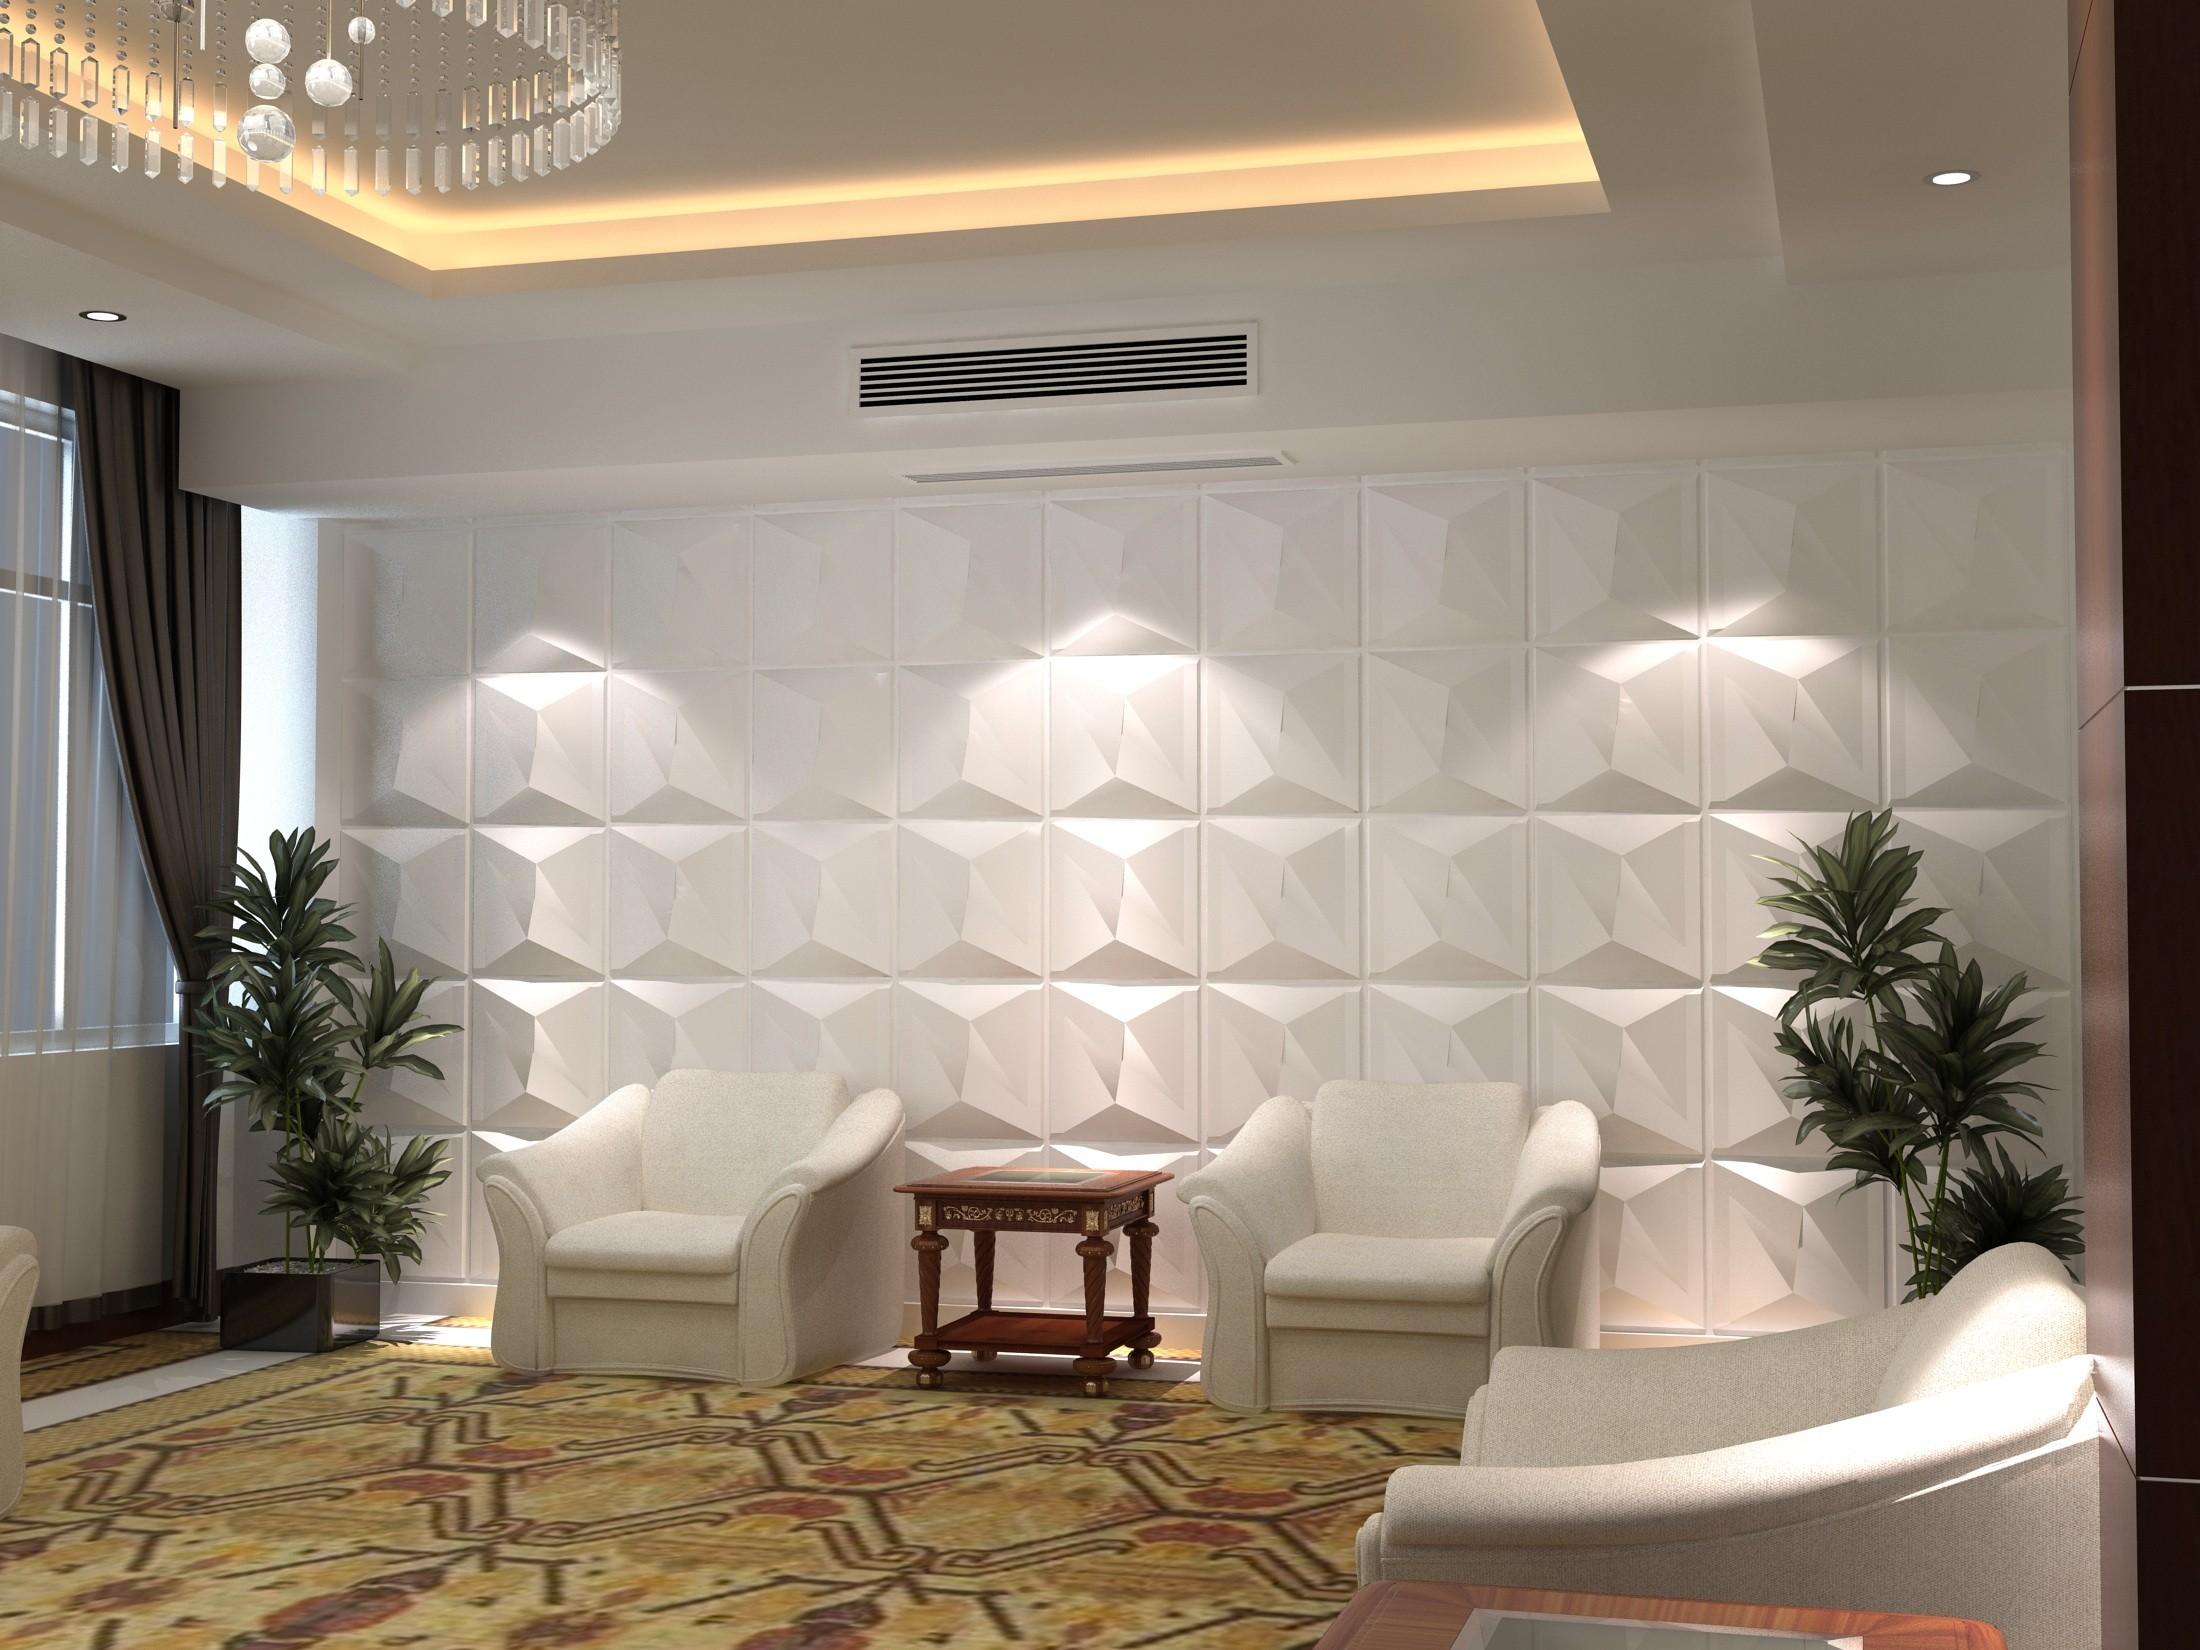 بالصور ديكور حوائط , احدث صيحات الدهانات والحوائط الحجرية والجبس وورق الجدران لديكور منزلك 594 7